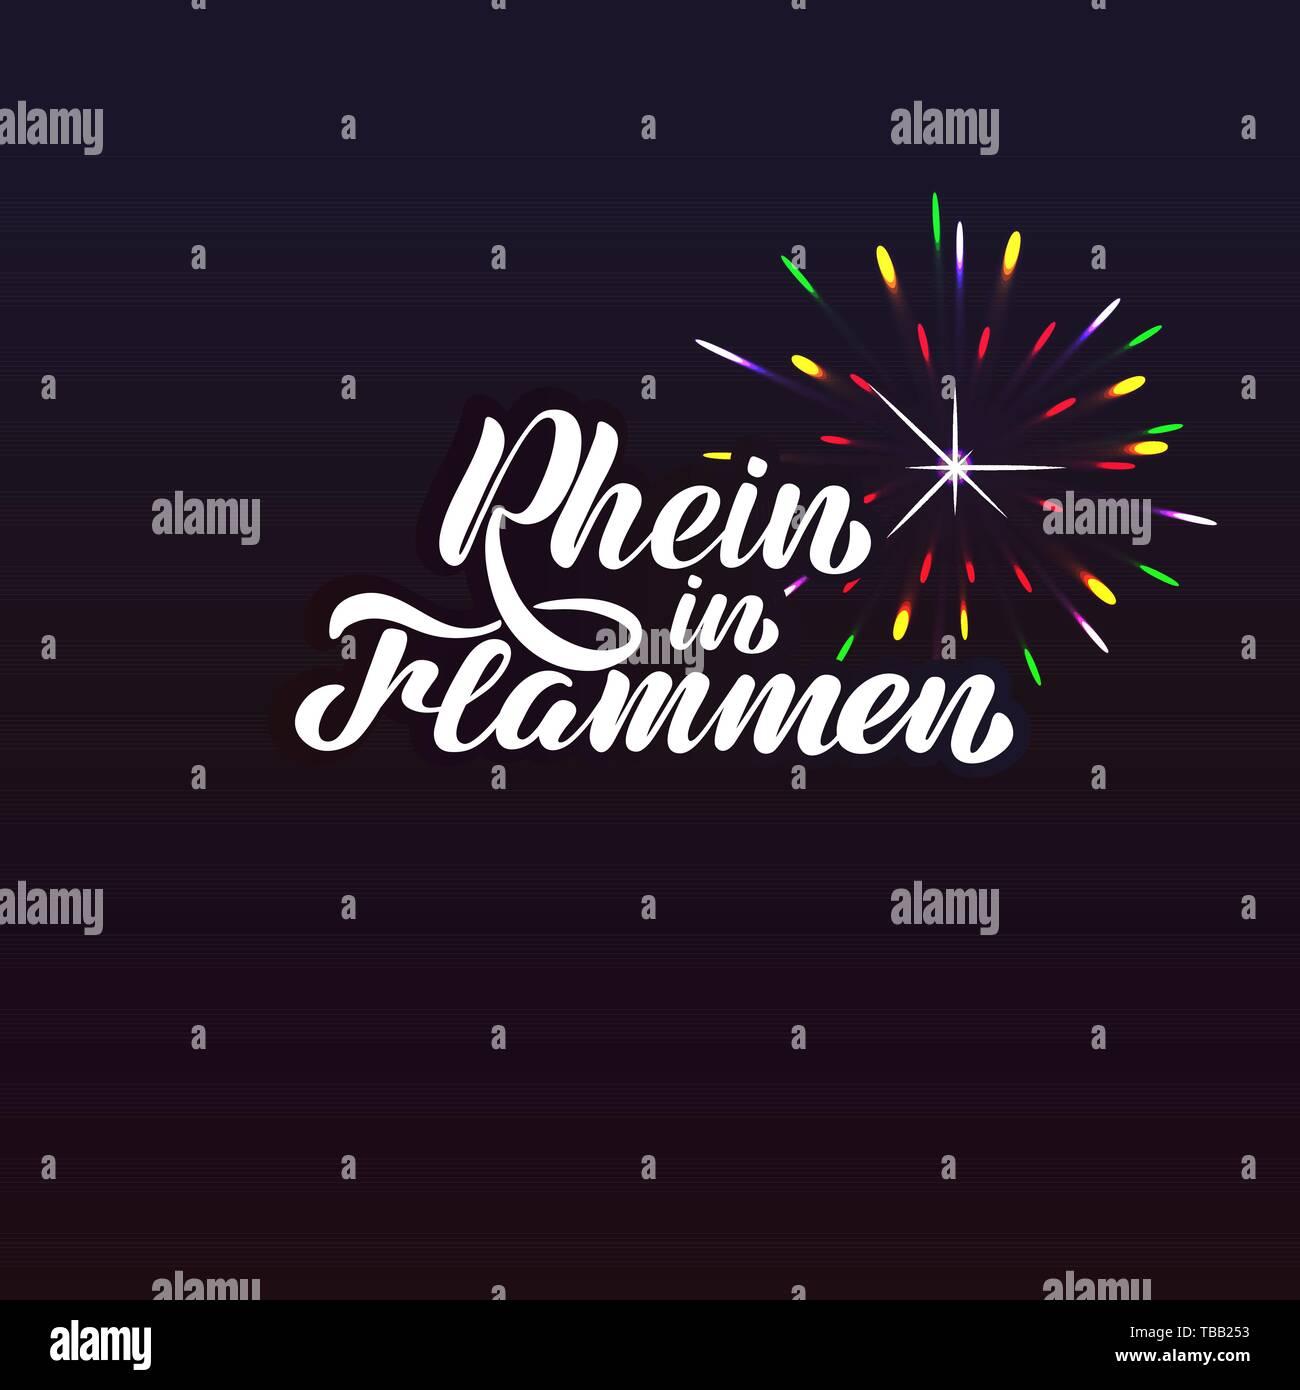 Festival Rhine in Flames - Rhein in Flammen. - Stock Image